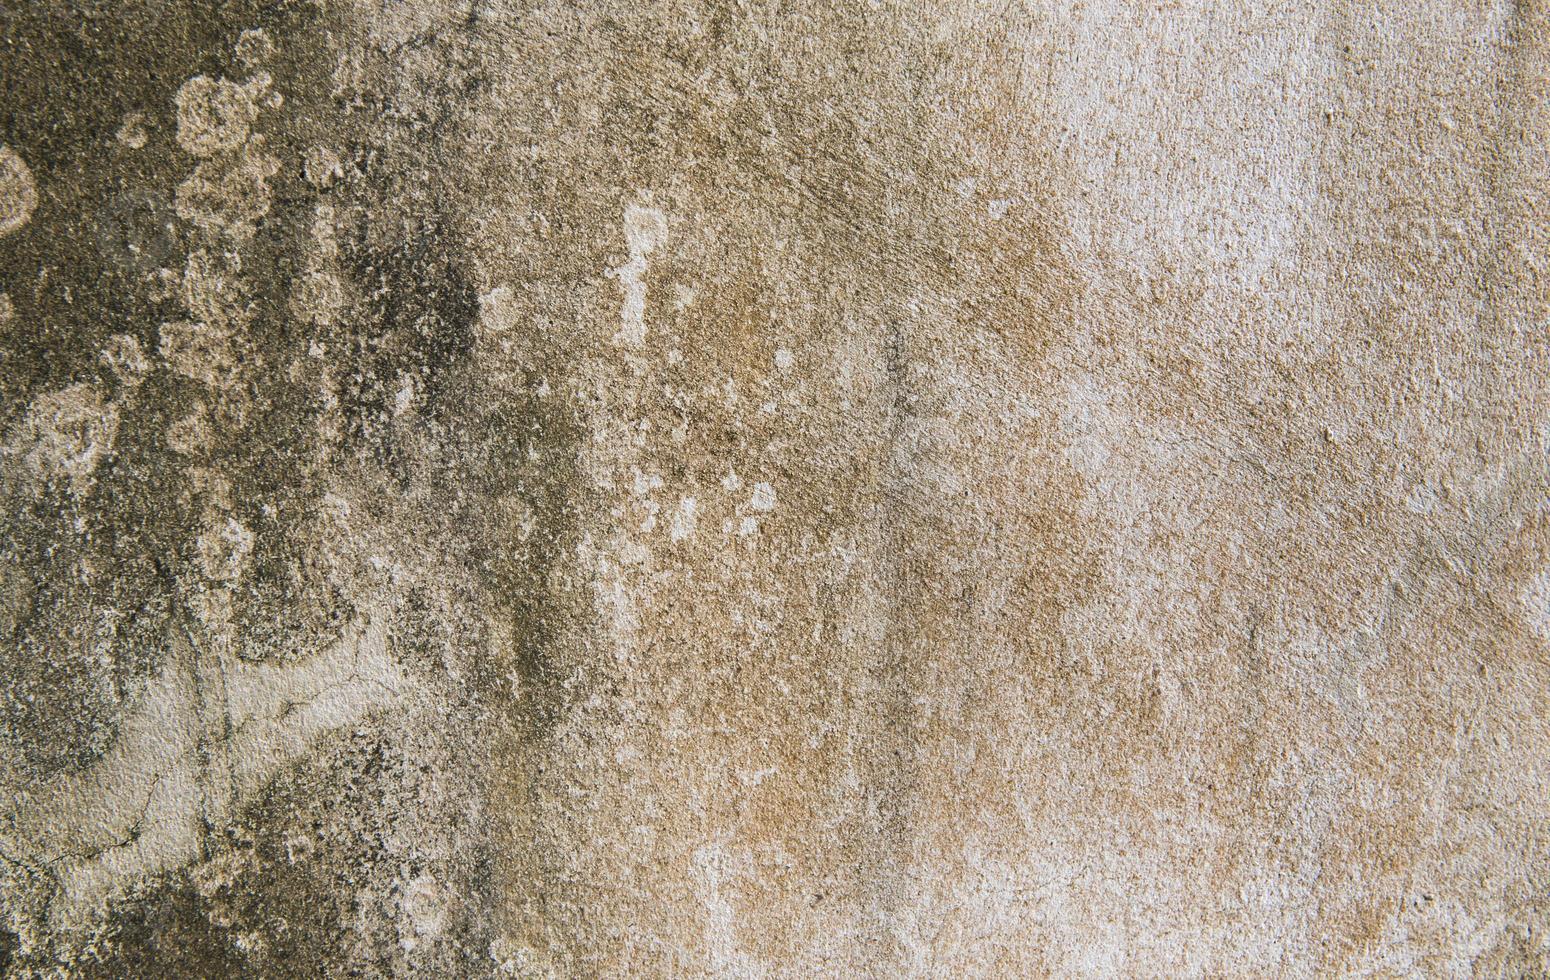 grunge betonnen muur textuur achtergrond cement muur textuur voor interieur foto